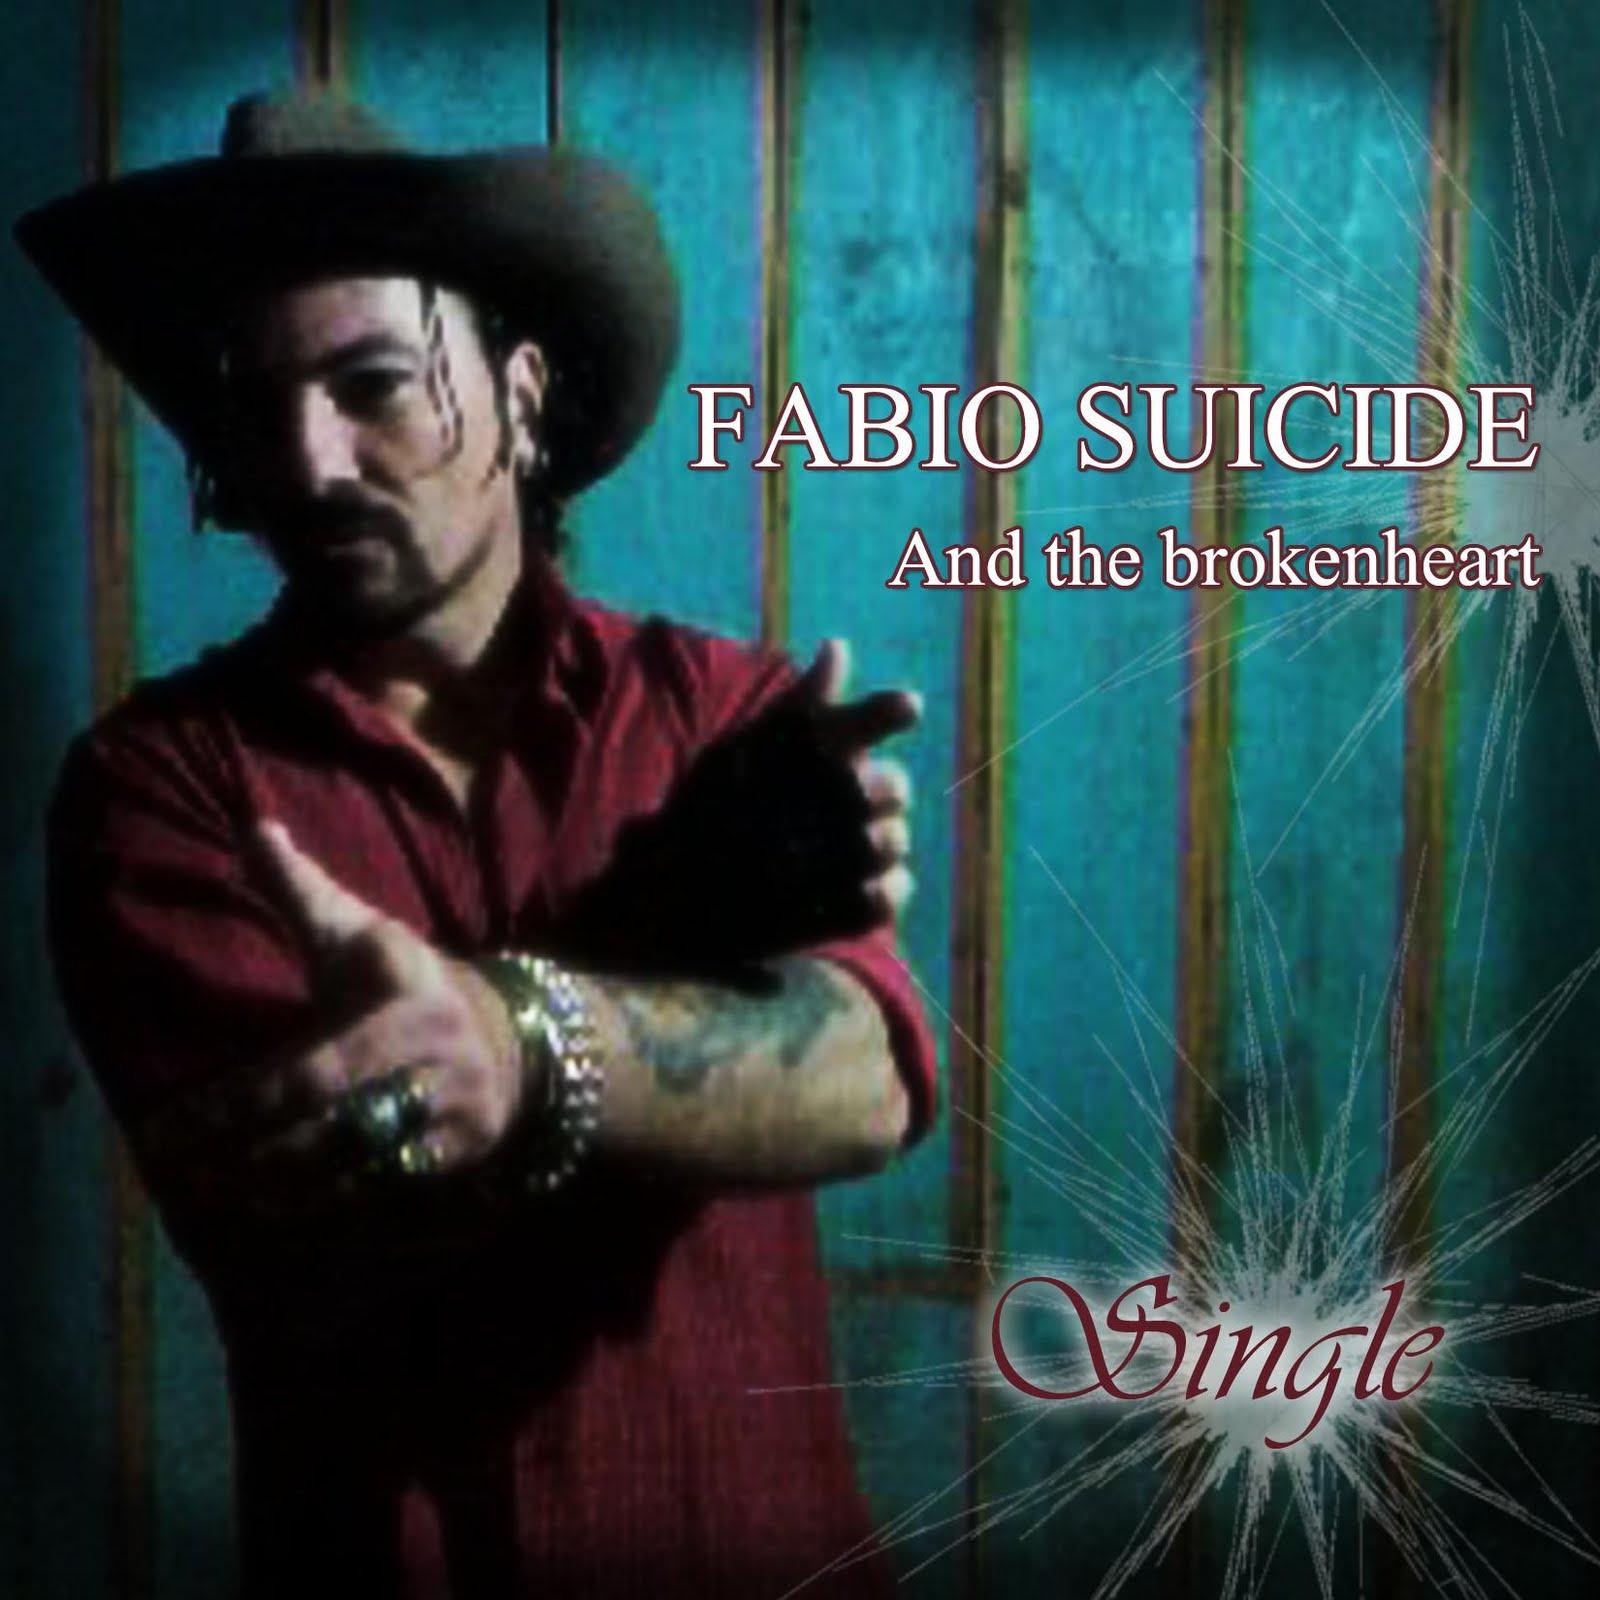 """FABIO SUICIDE """"SINGLE"""""""